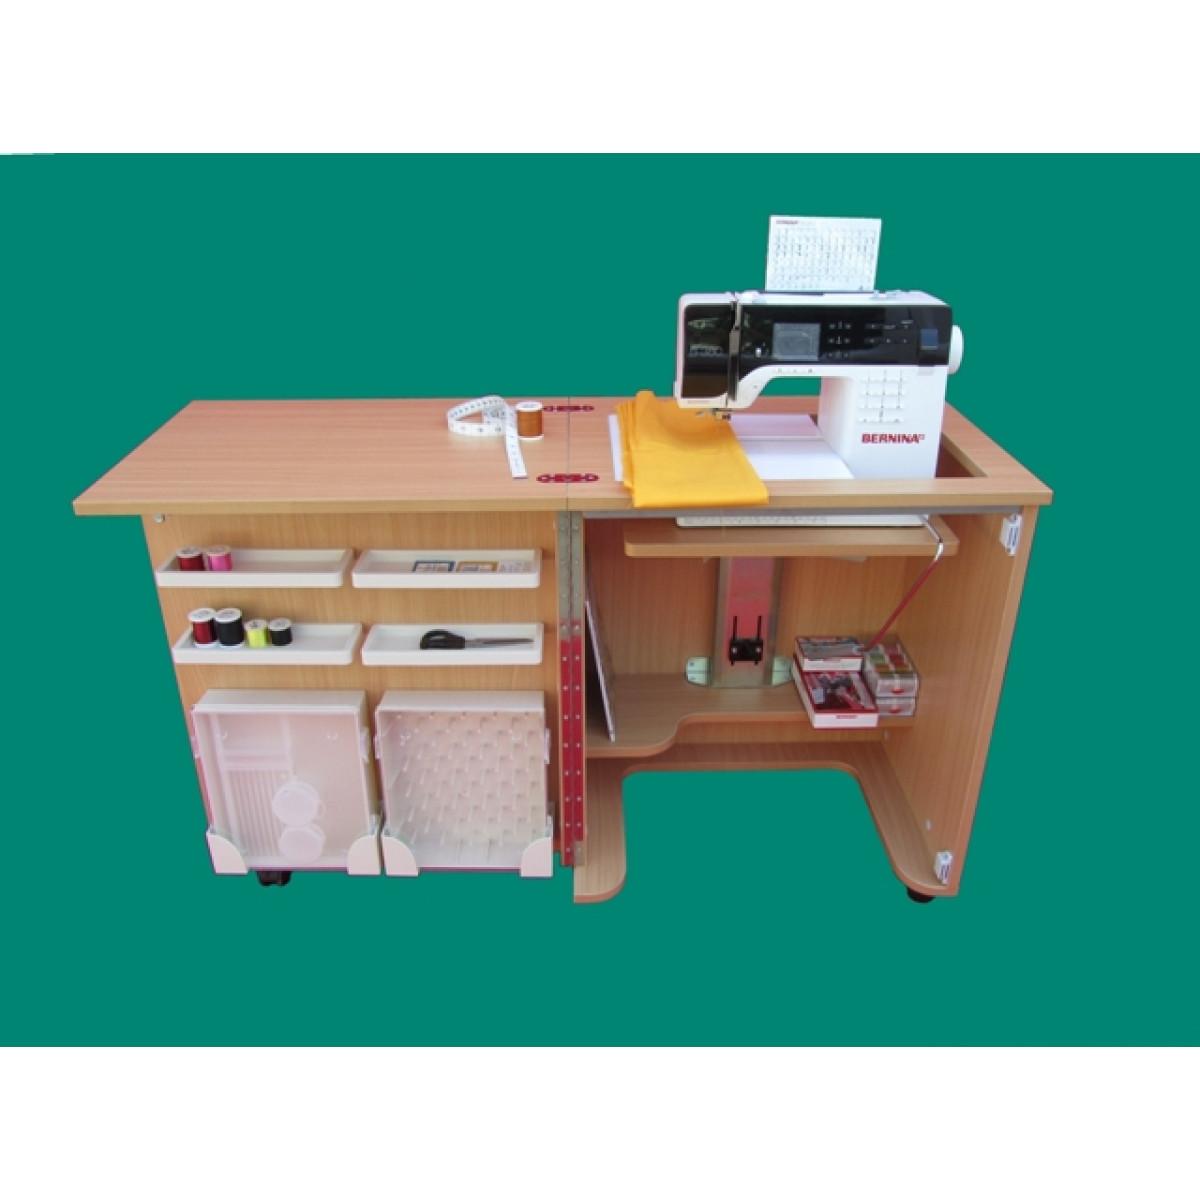 Eredi mantegazza mobile per cucire tailormade compact for Piedini singer prezzi